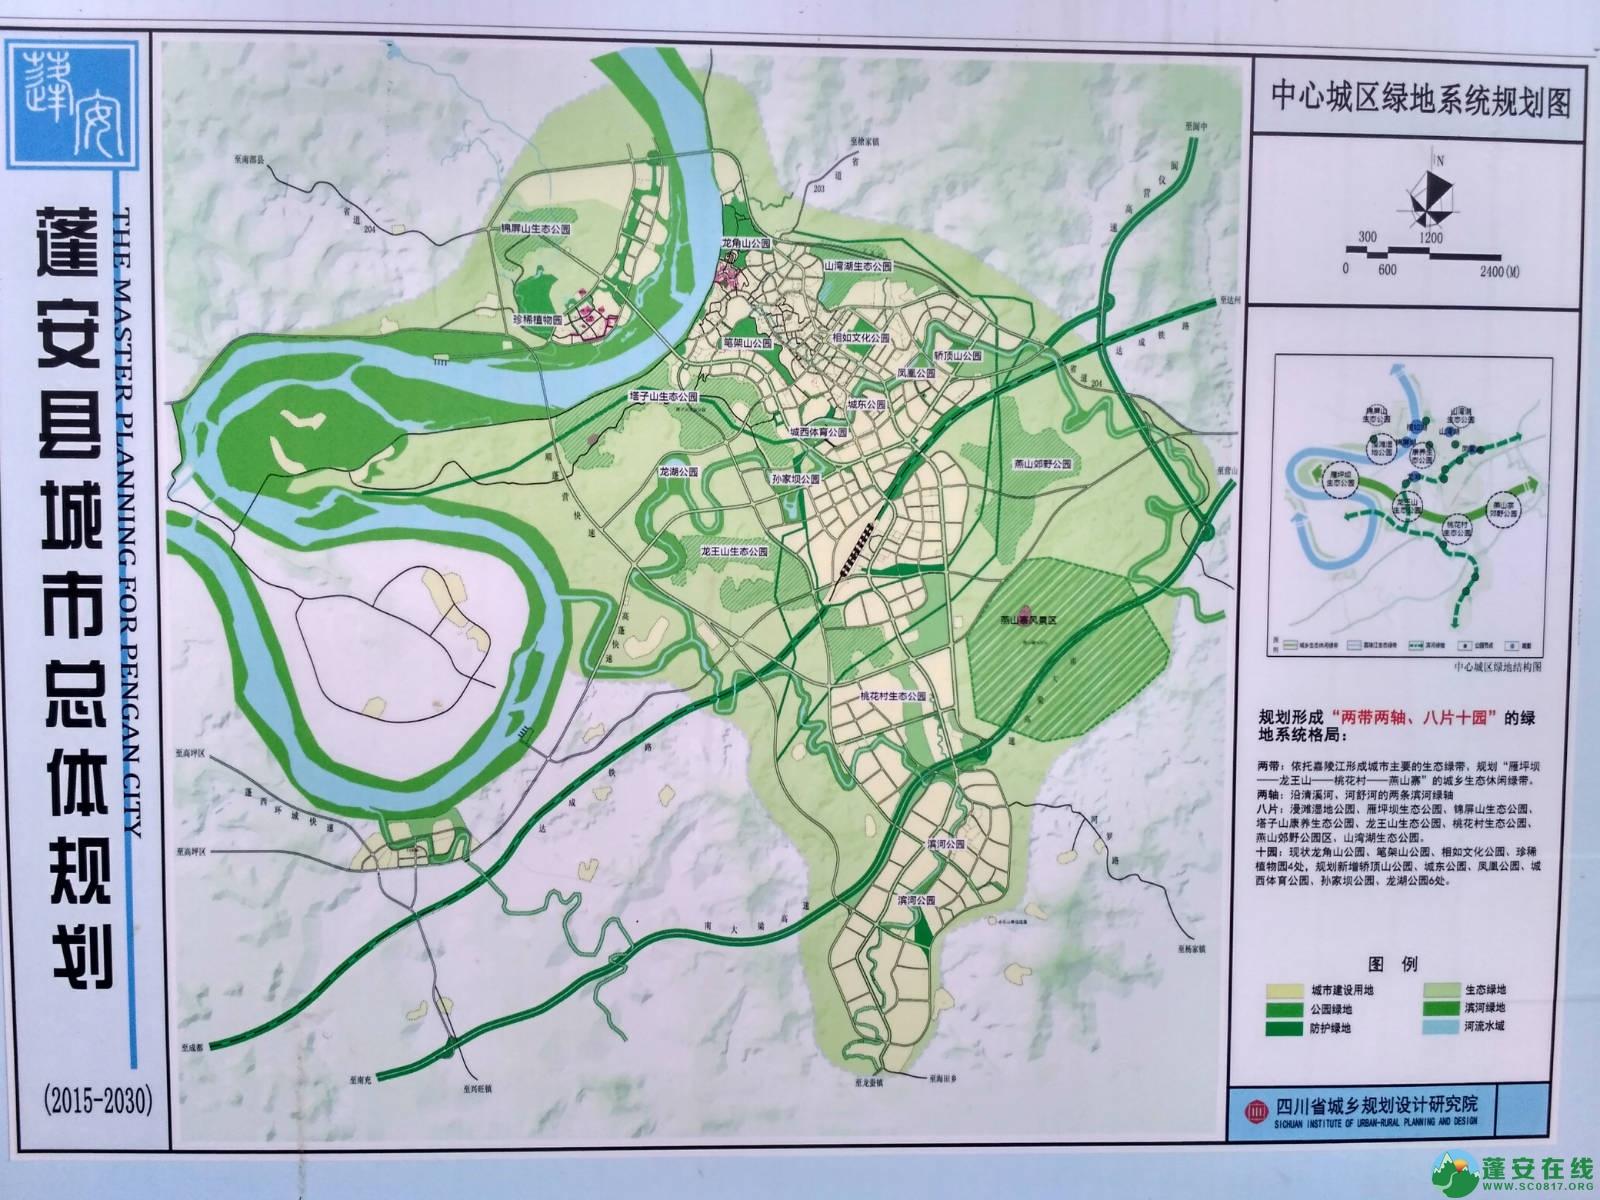 蓬安县2015年-2030年最新城市总体规划公示 - 第6张  | 蓬安在线